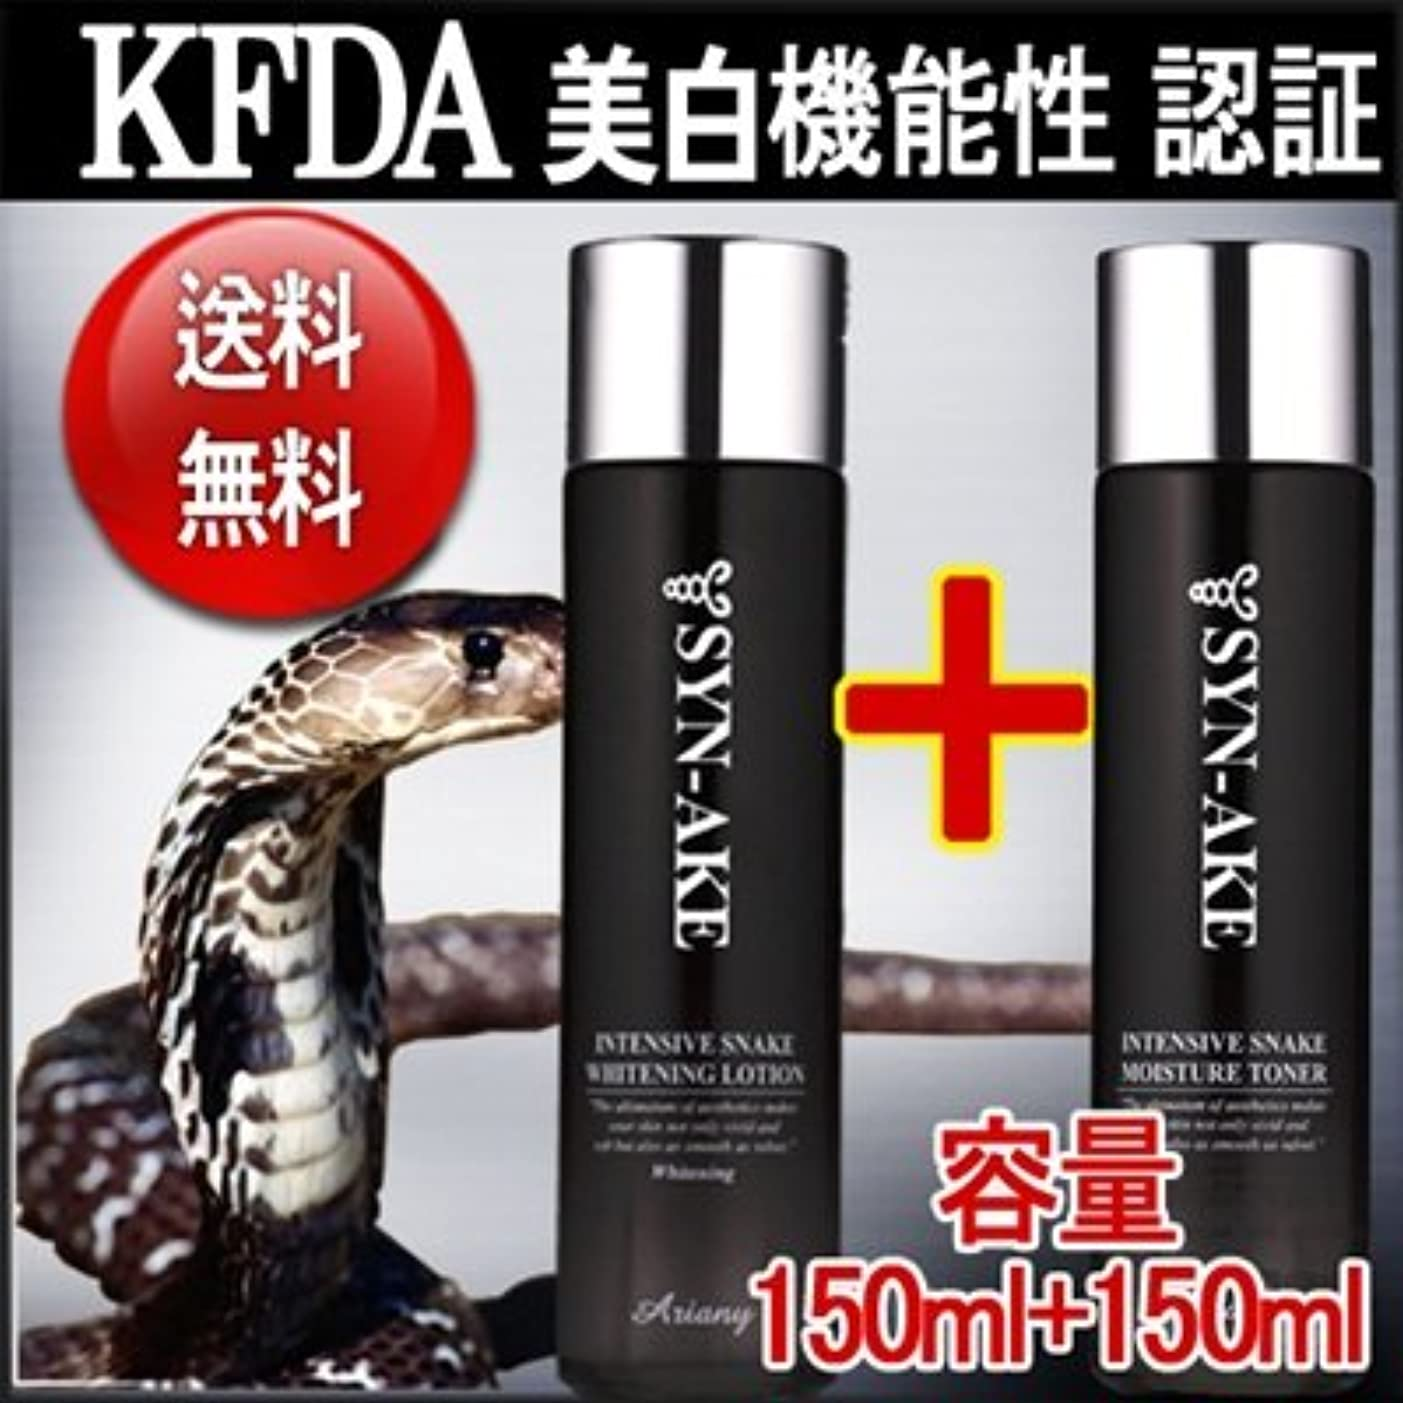 高く左禁止韓国アリアー二 (Ariany) 蛇毒/ 毒蛇化粧水&乳液2種セット